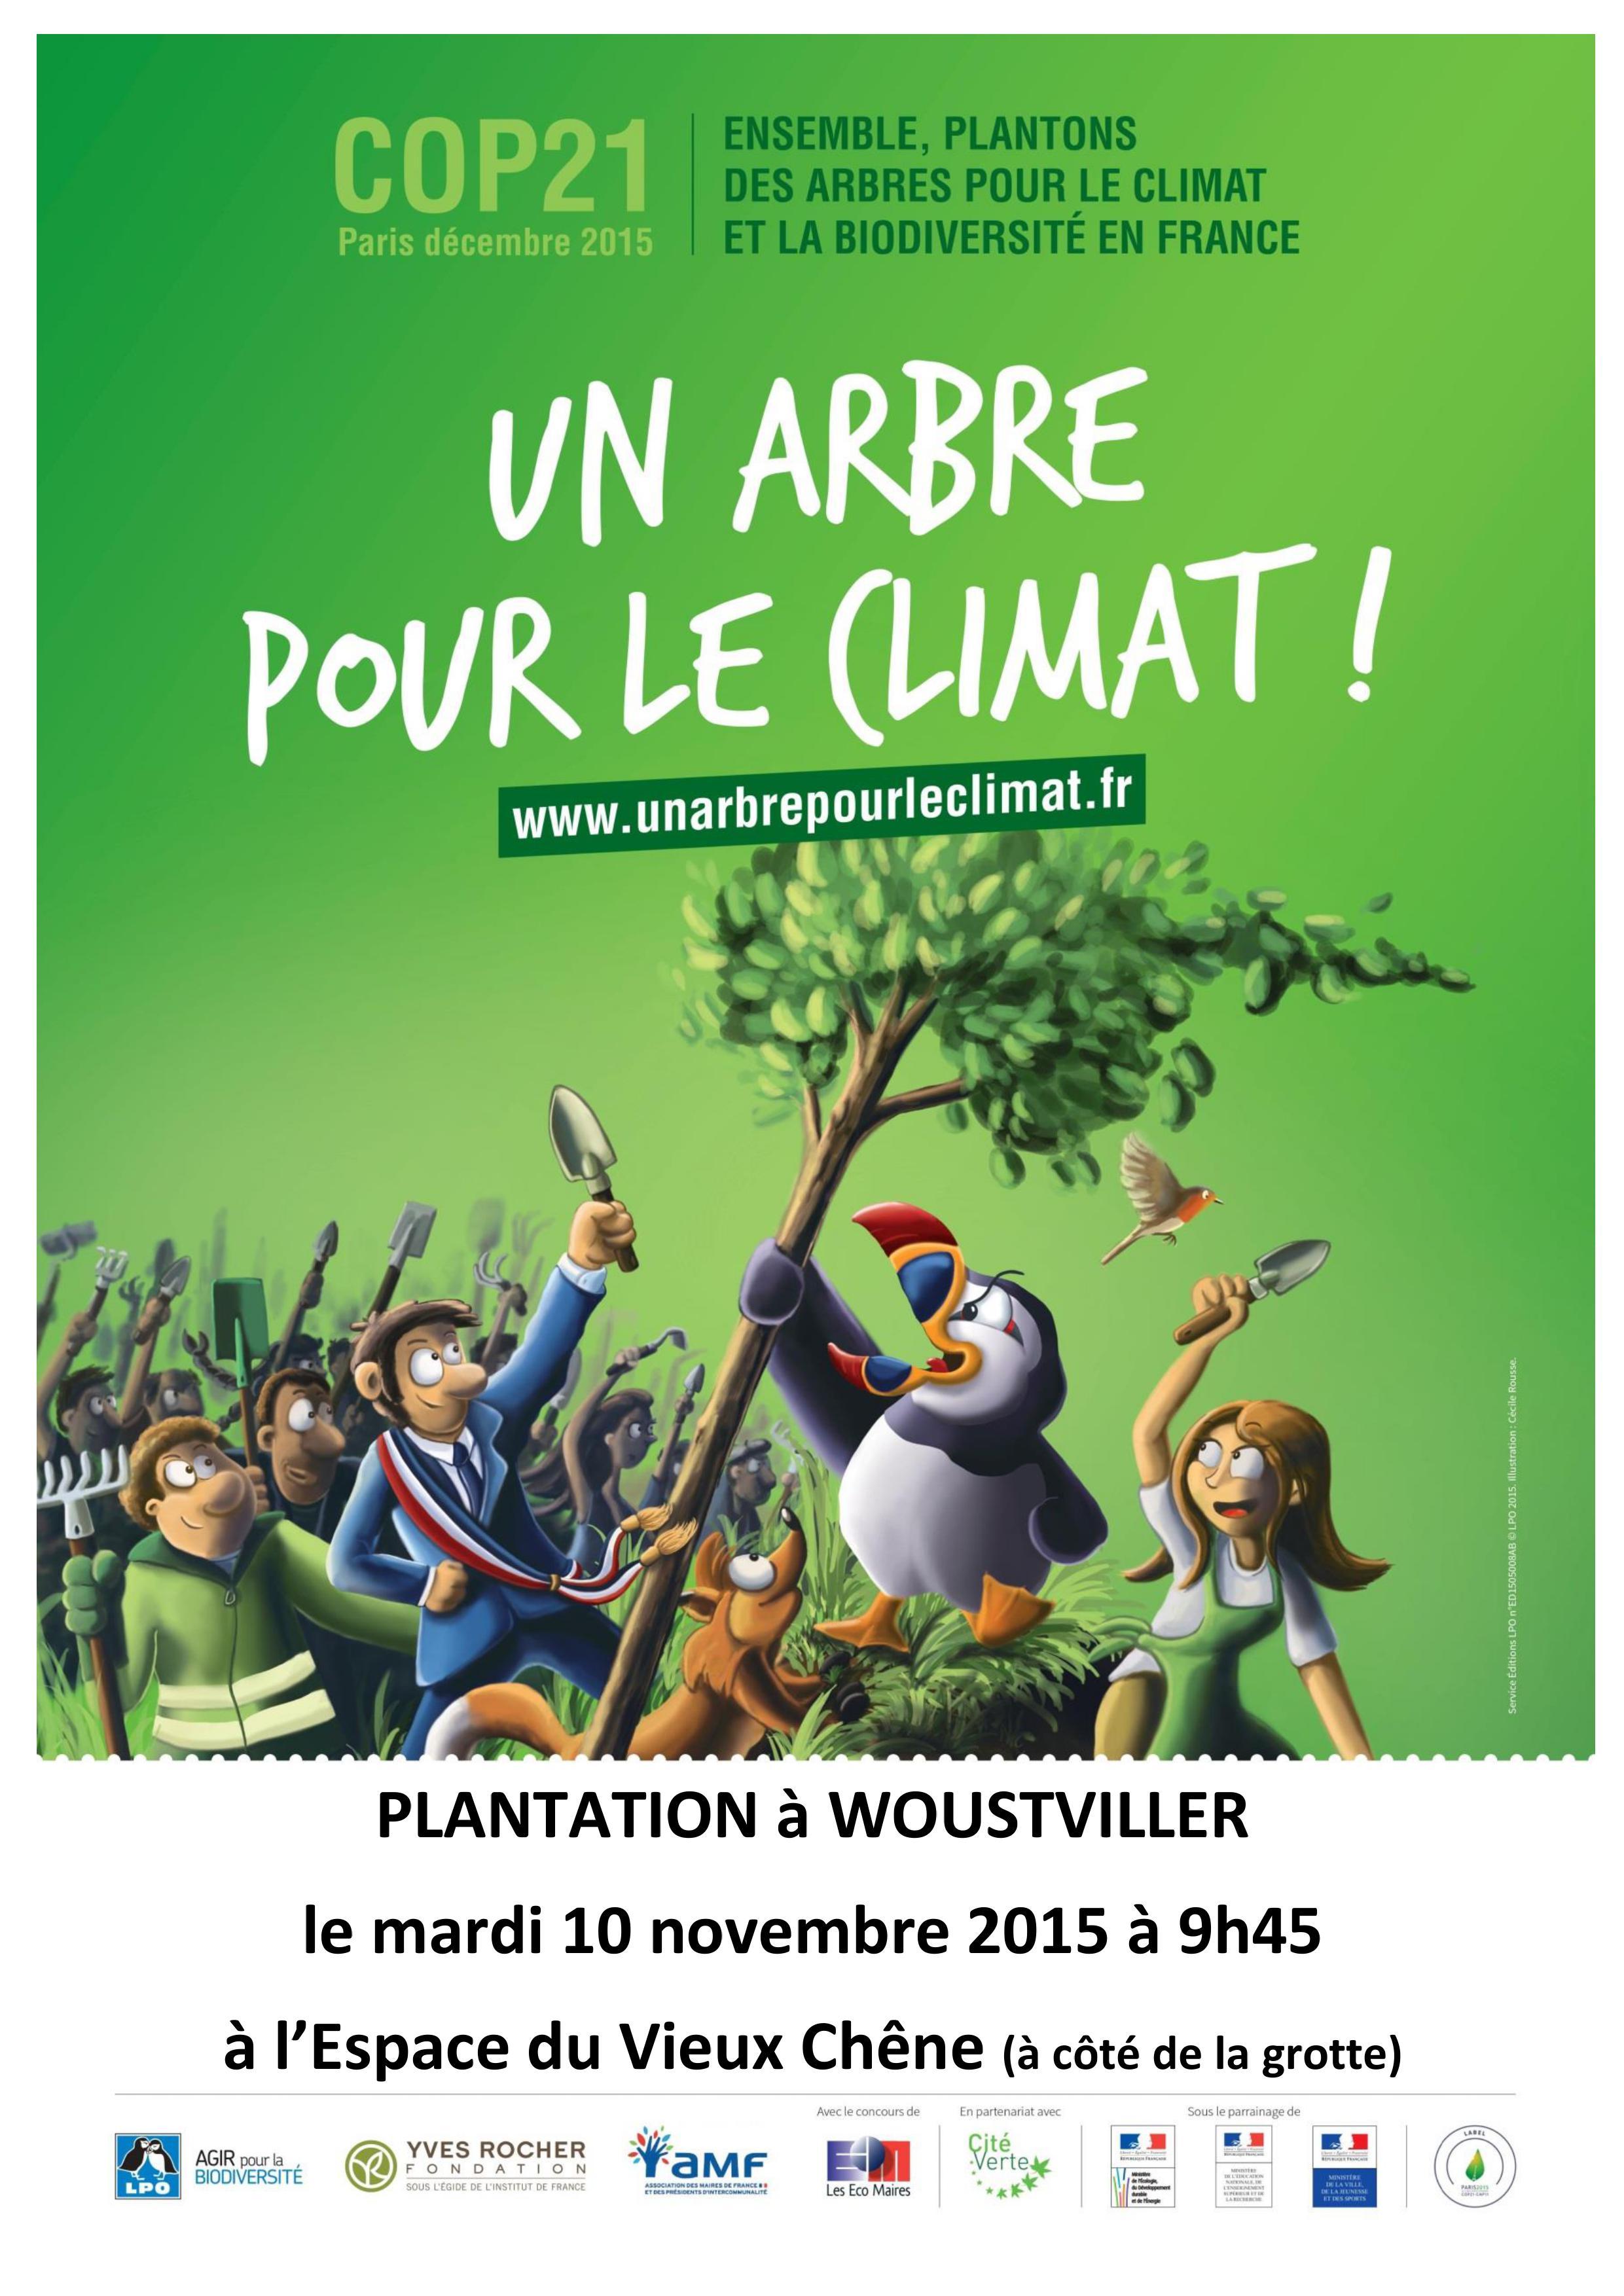 Un arbre pour le climat